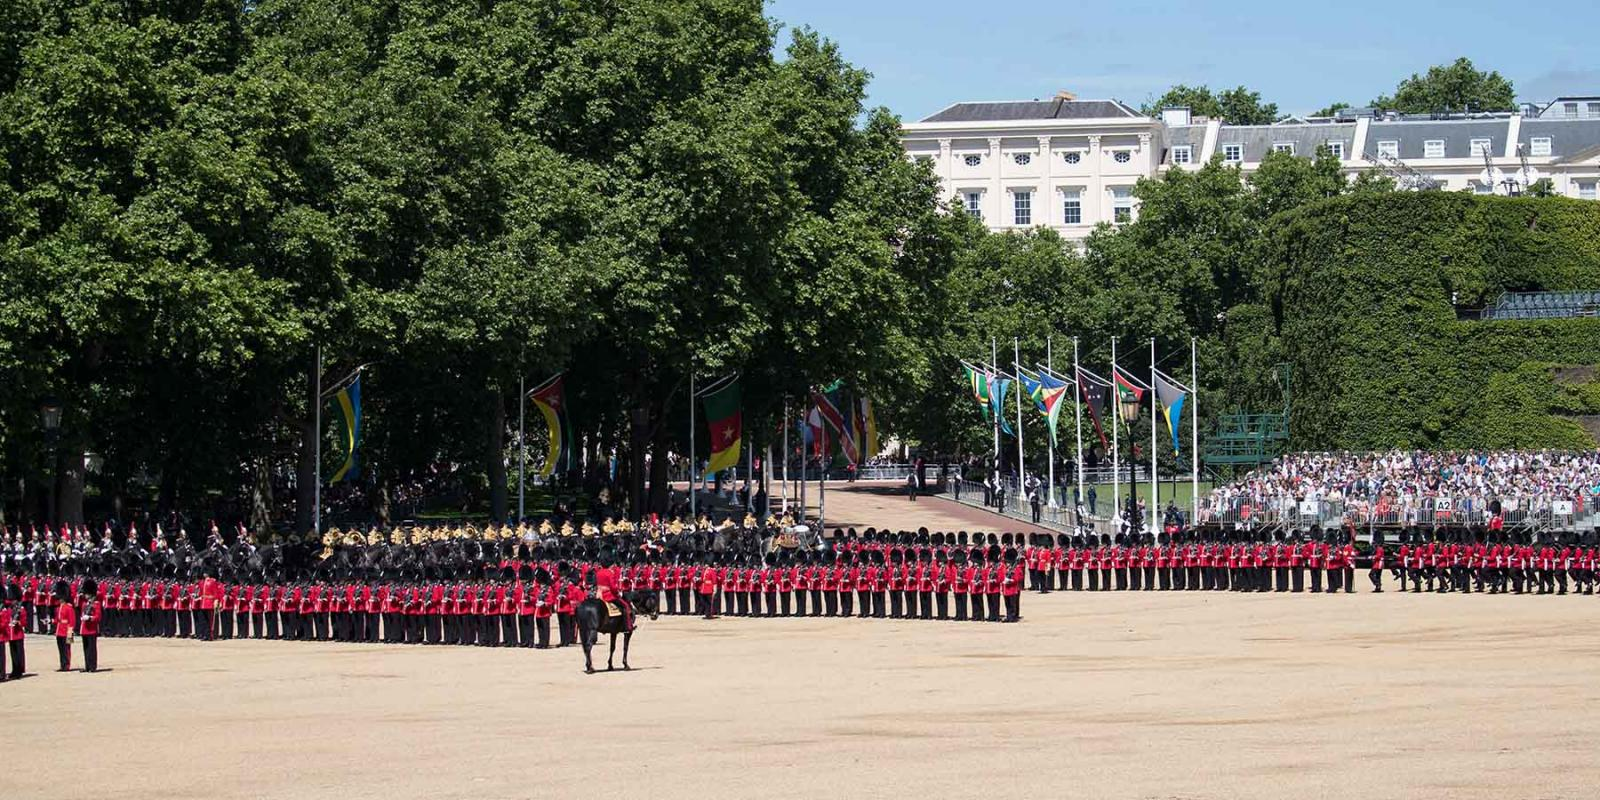 Ceremonia del Trooping the Colour en Londres – Información 2019